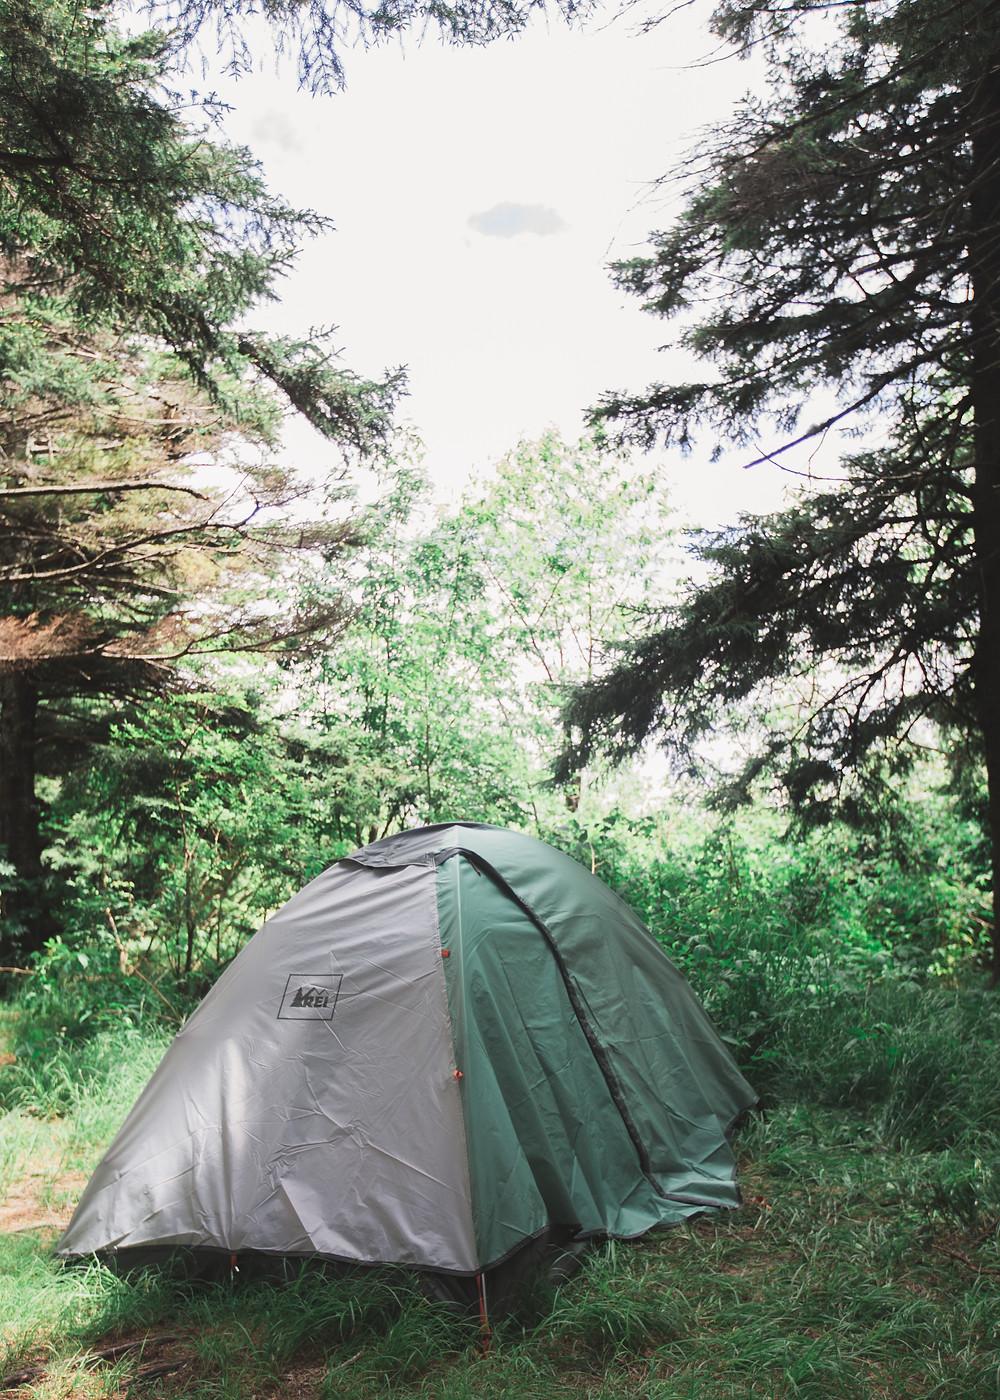 REI green tent